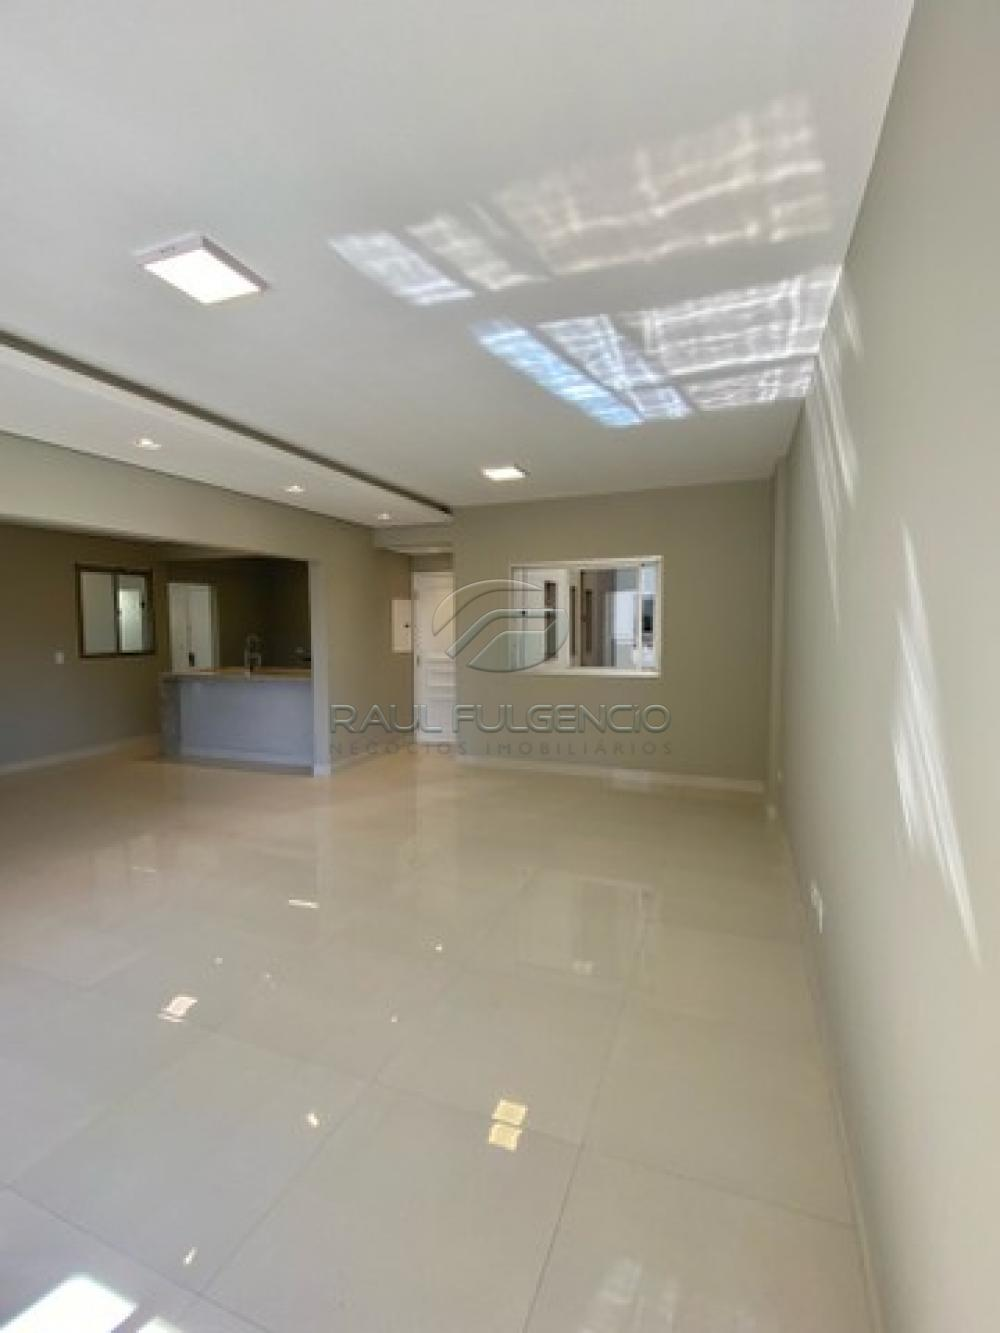 Comprar Apartamento / Padrão em Londrina R$ 499.000,00 - Foto 3